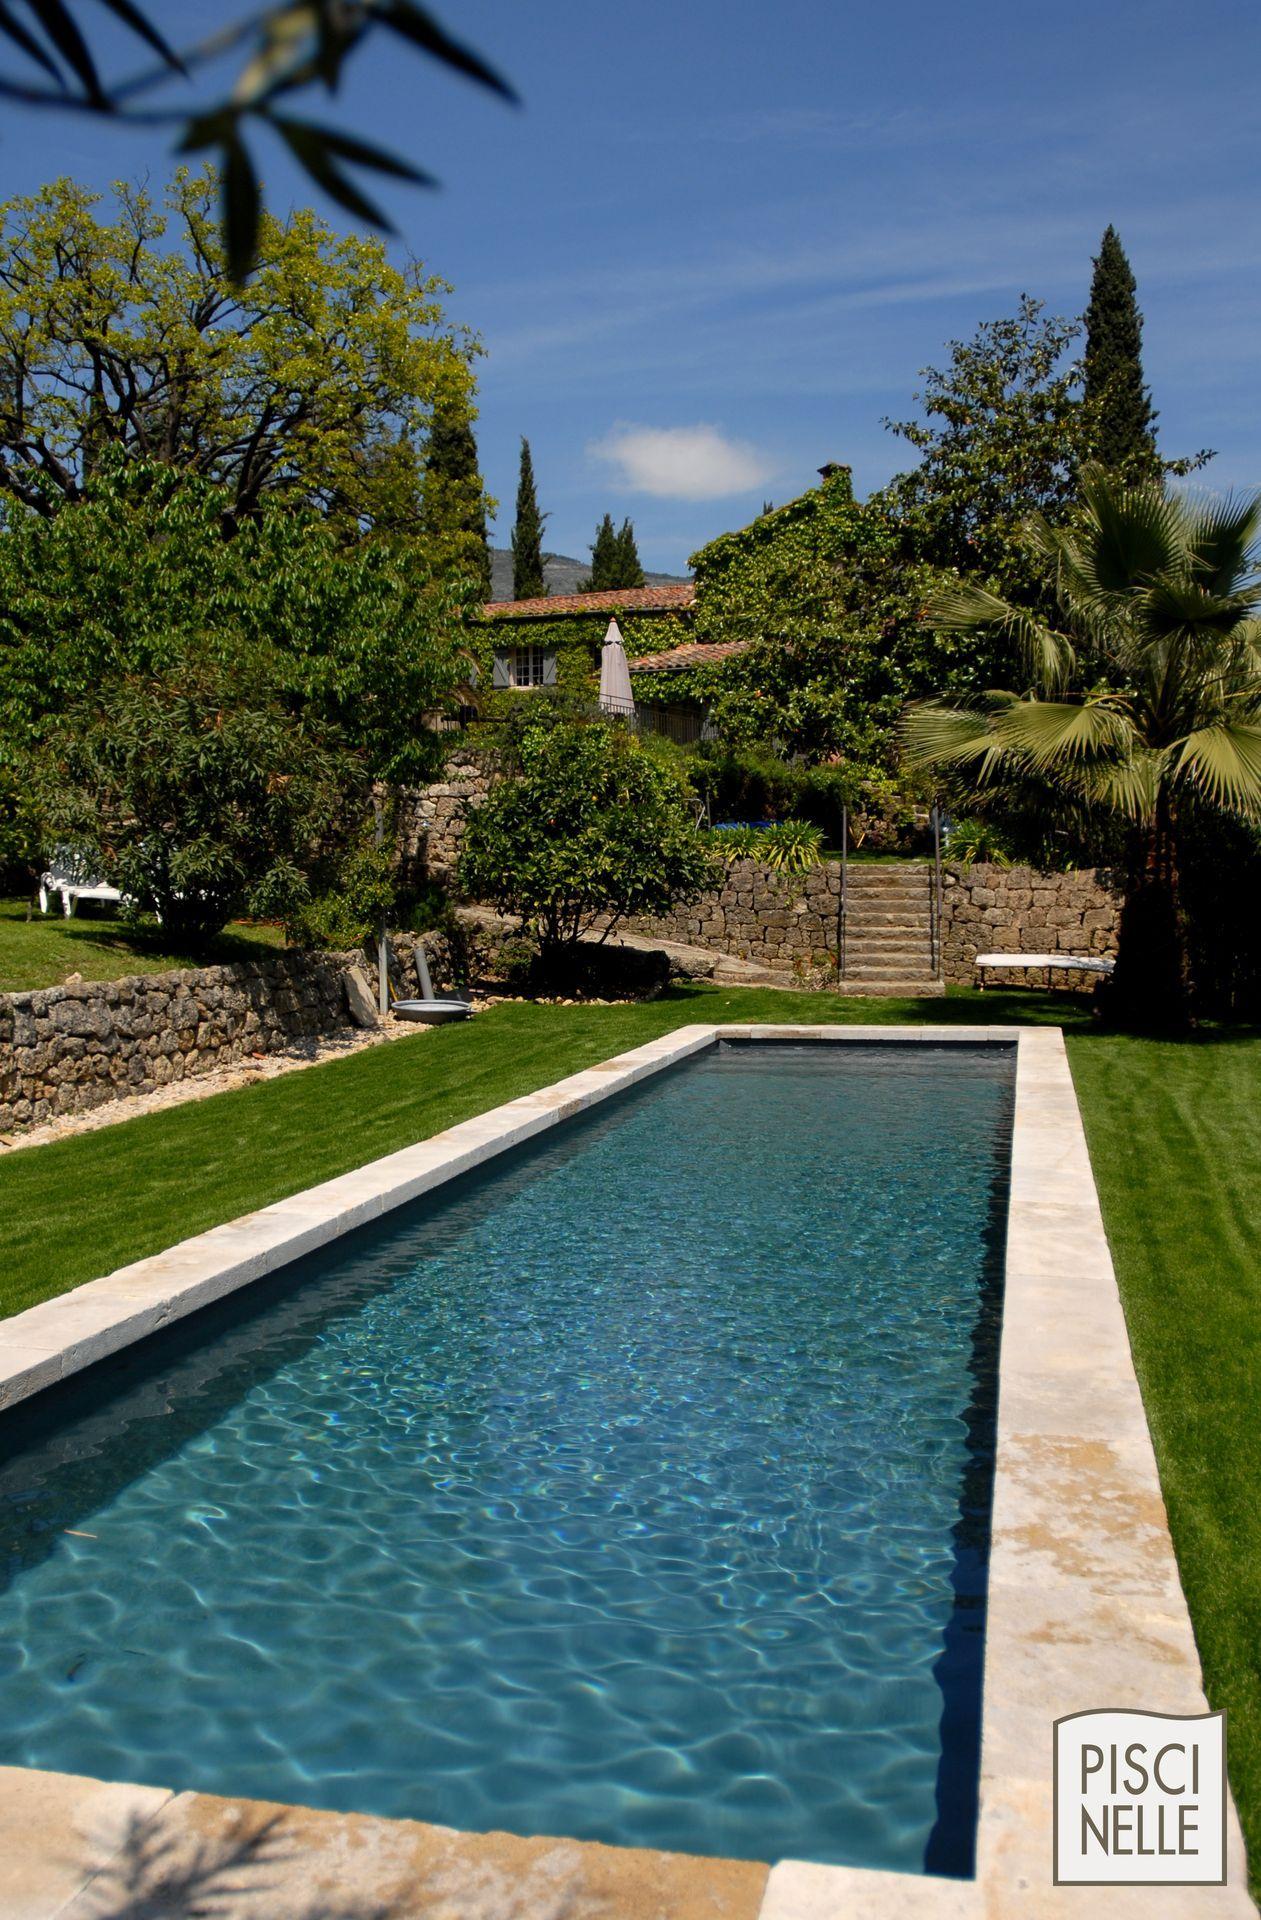 Piscine forme bassin de nage traditionnel piscinelle la for Liner bassin